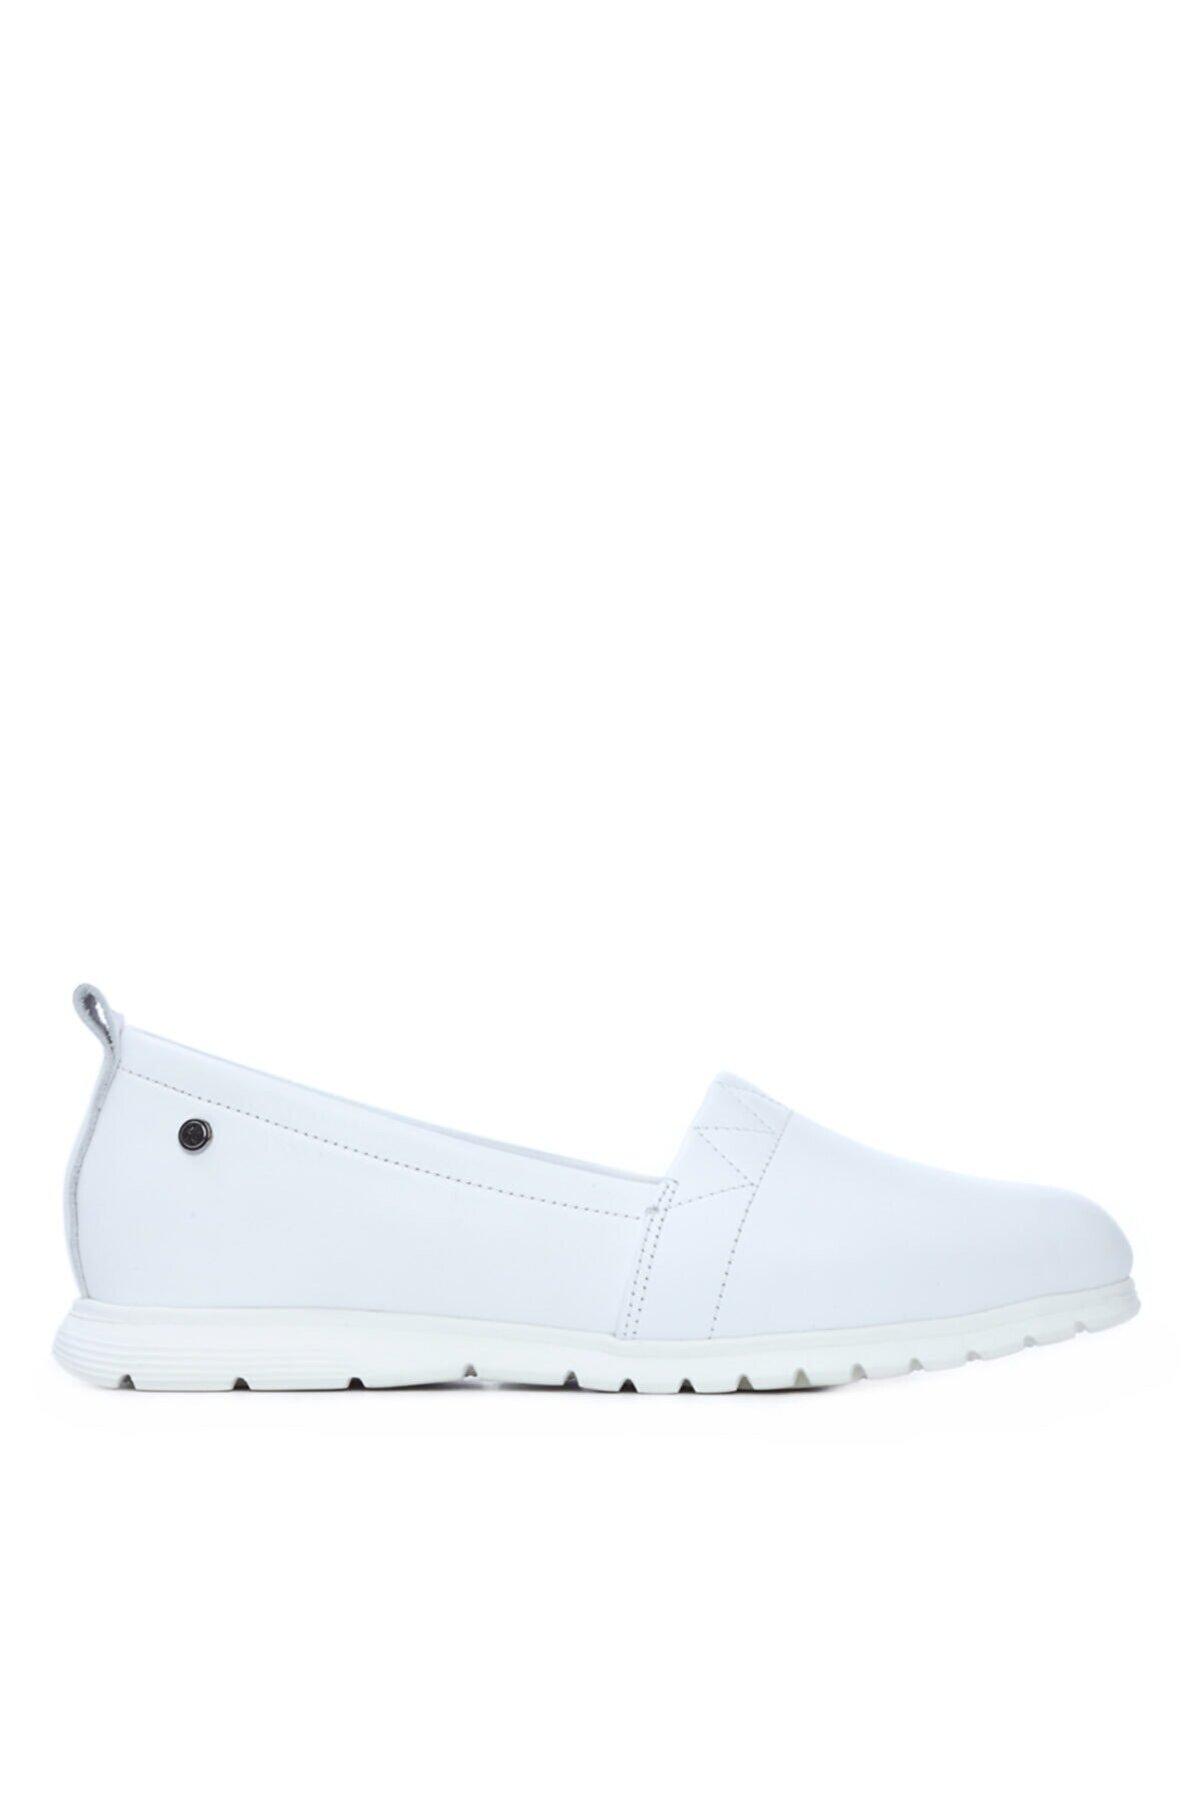 Kemal Tanca Kadın Beyaz Derı Comfort Ayakkabı